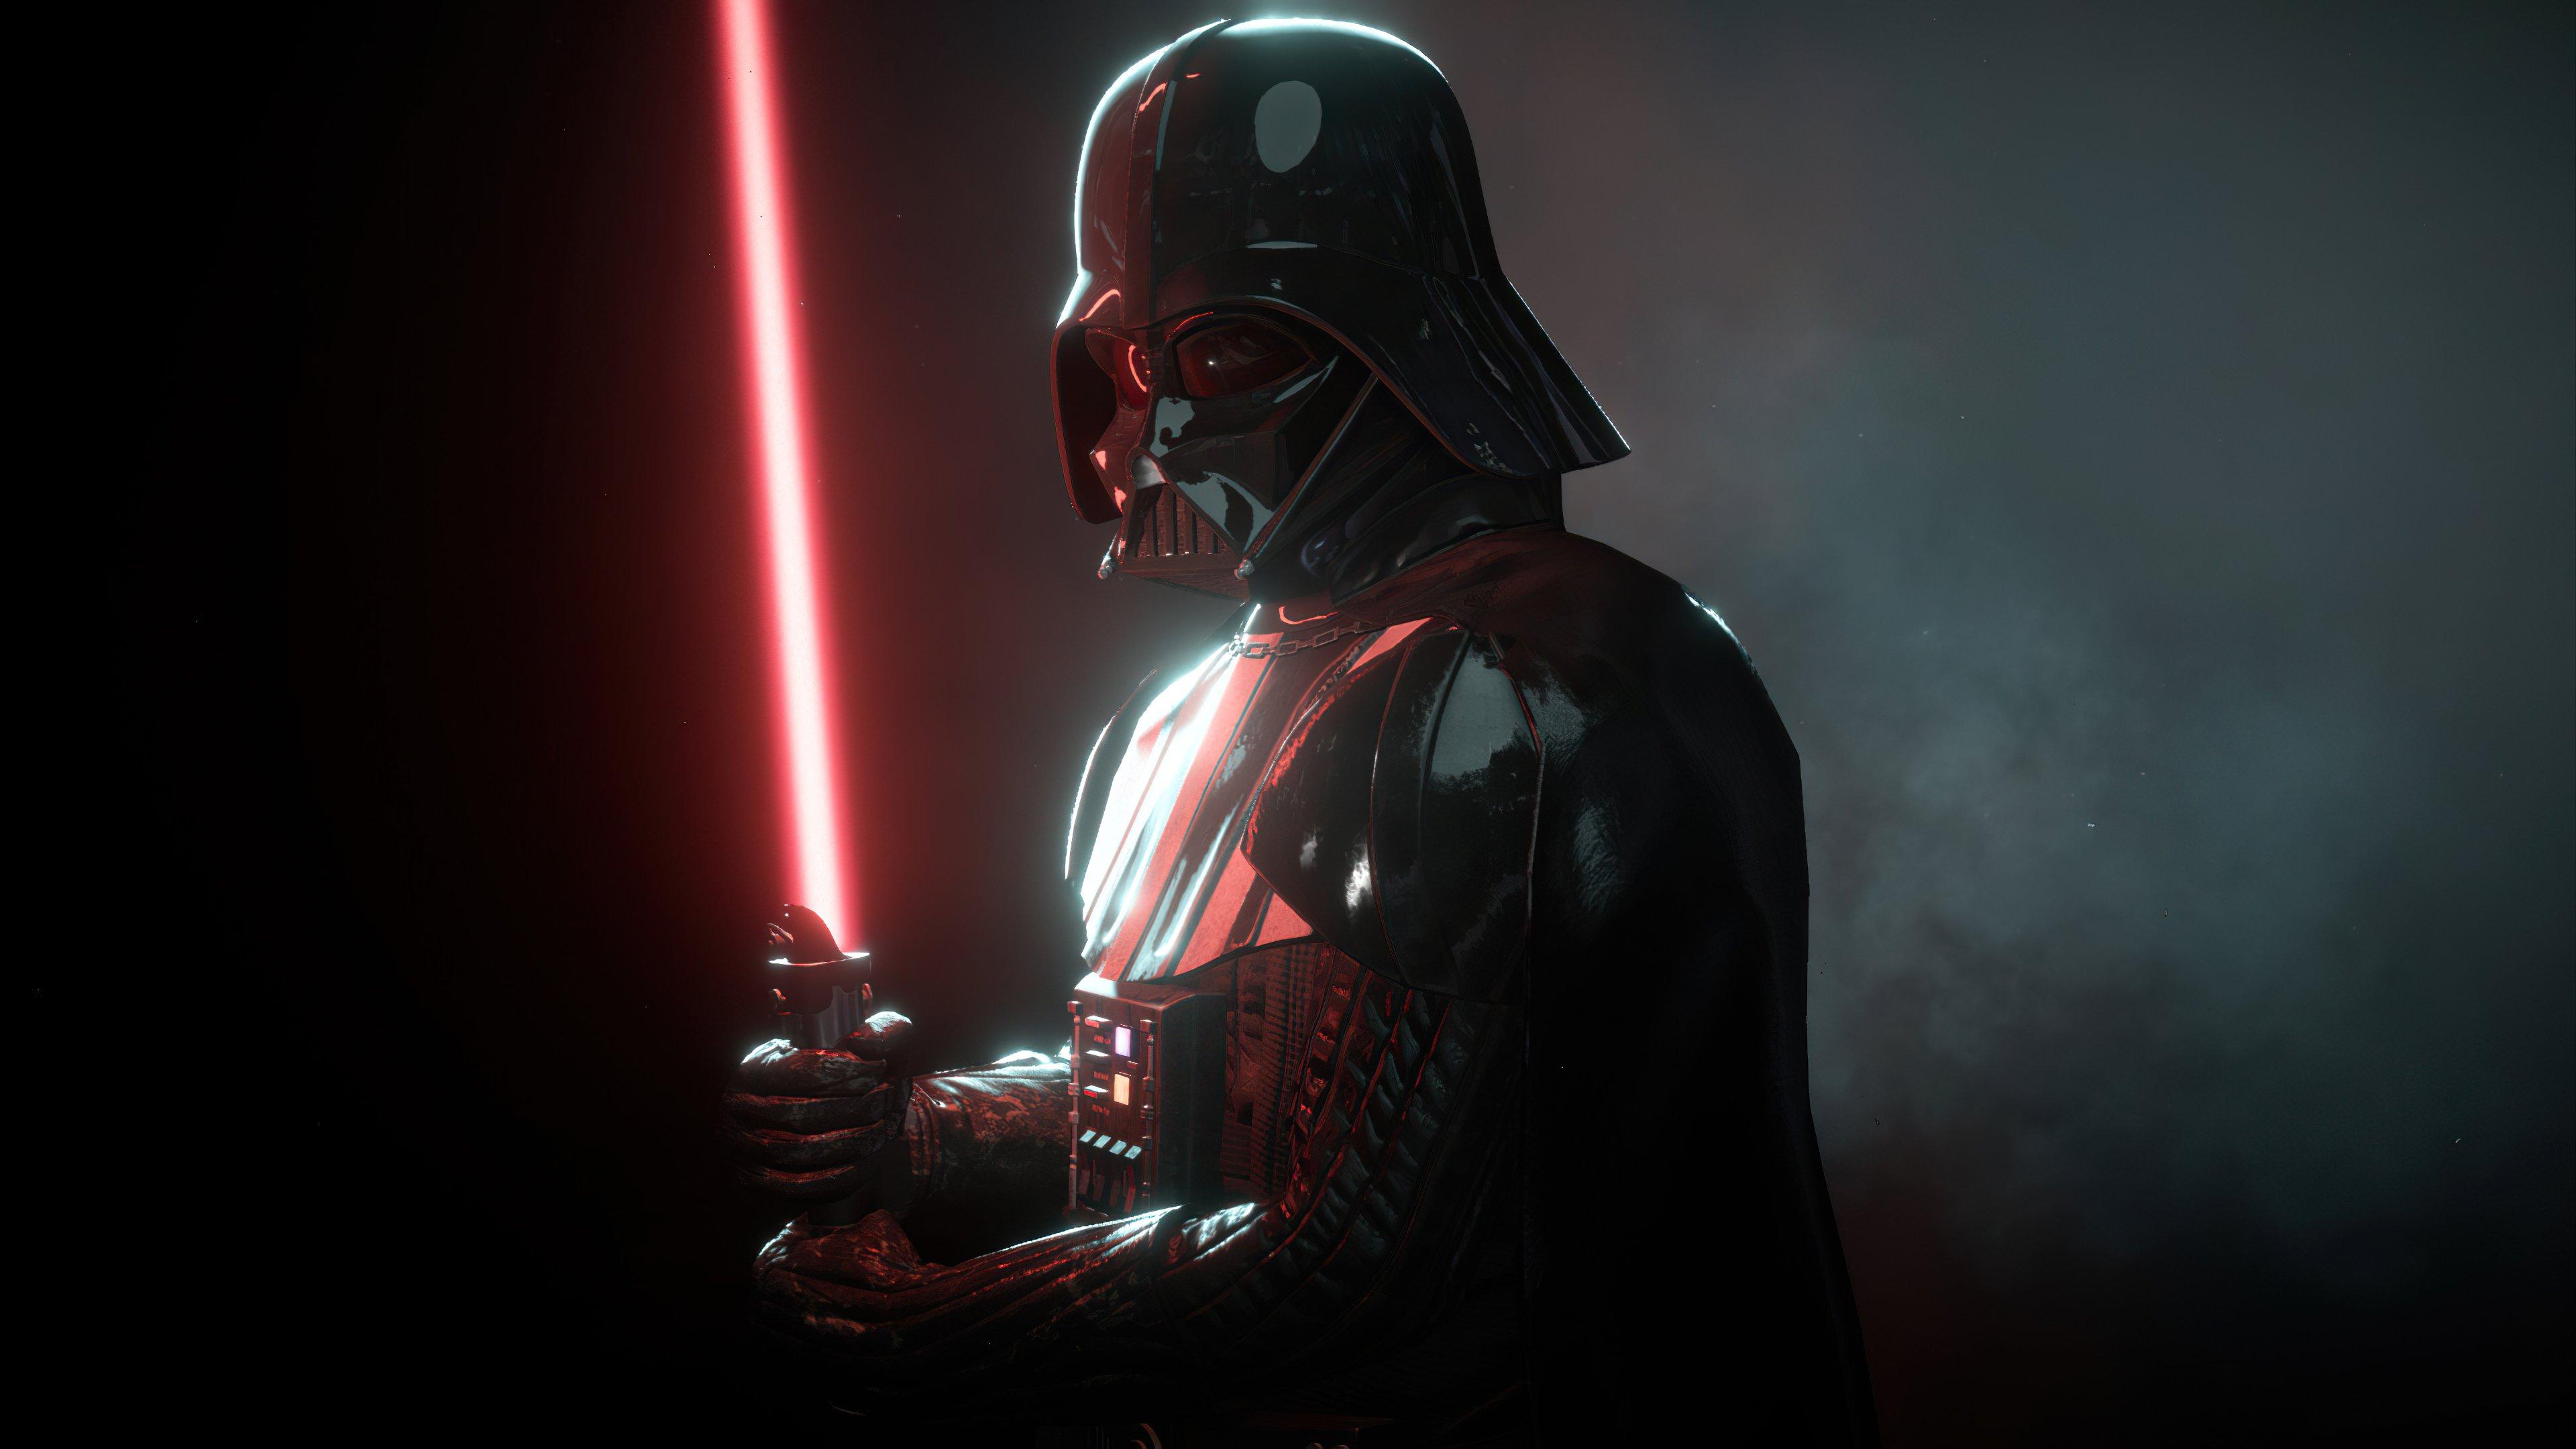 Wallpaper Darth Vader Star Wars Battlefront II